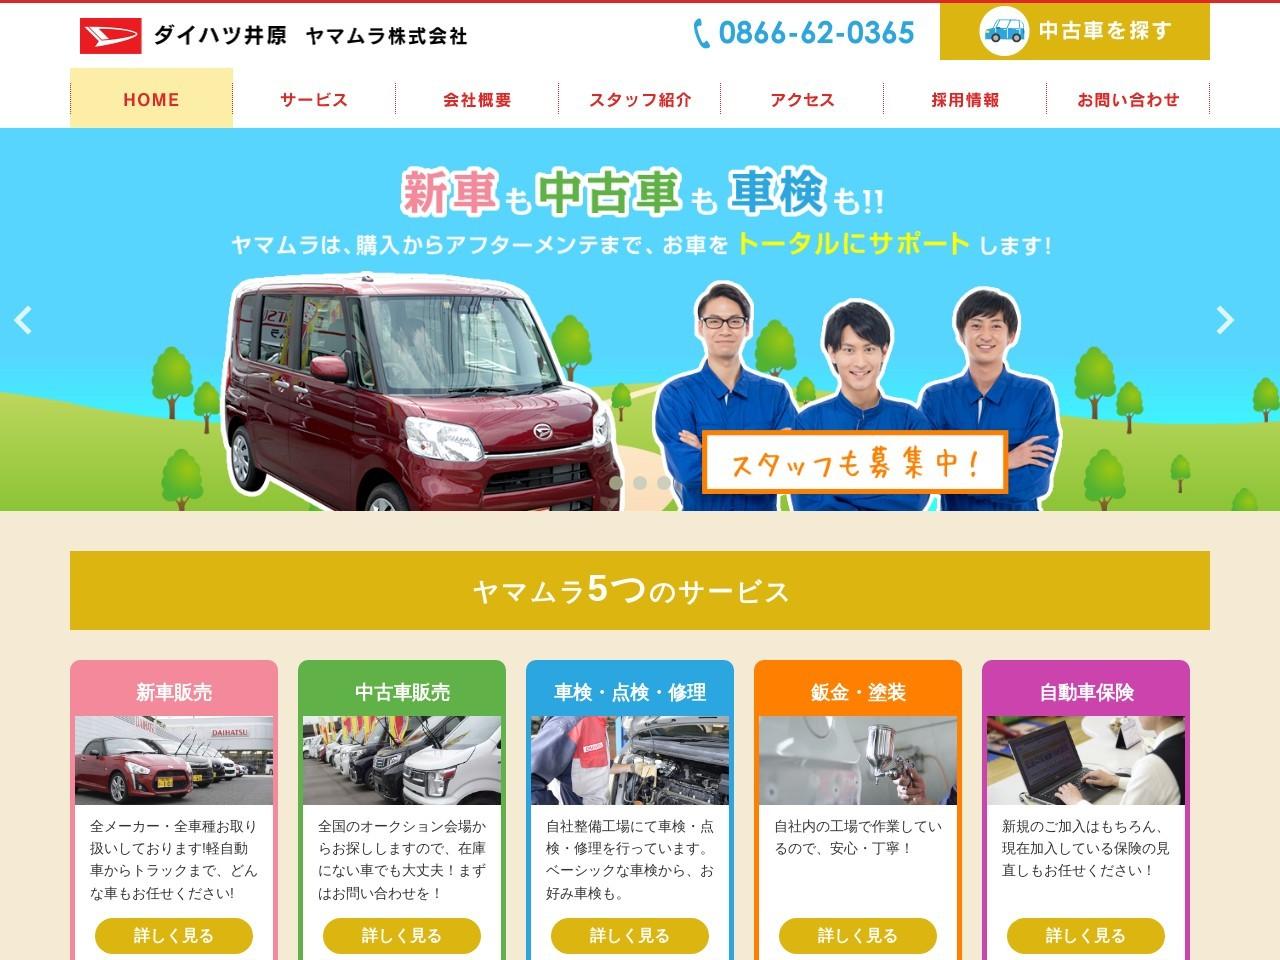 ヤマムラ株式会社